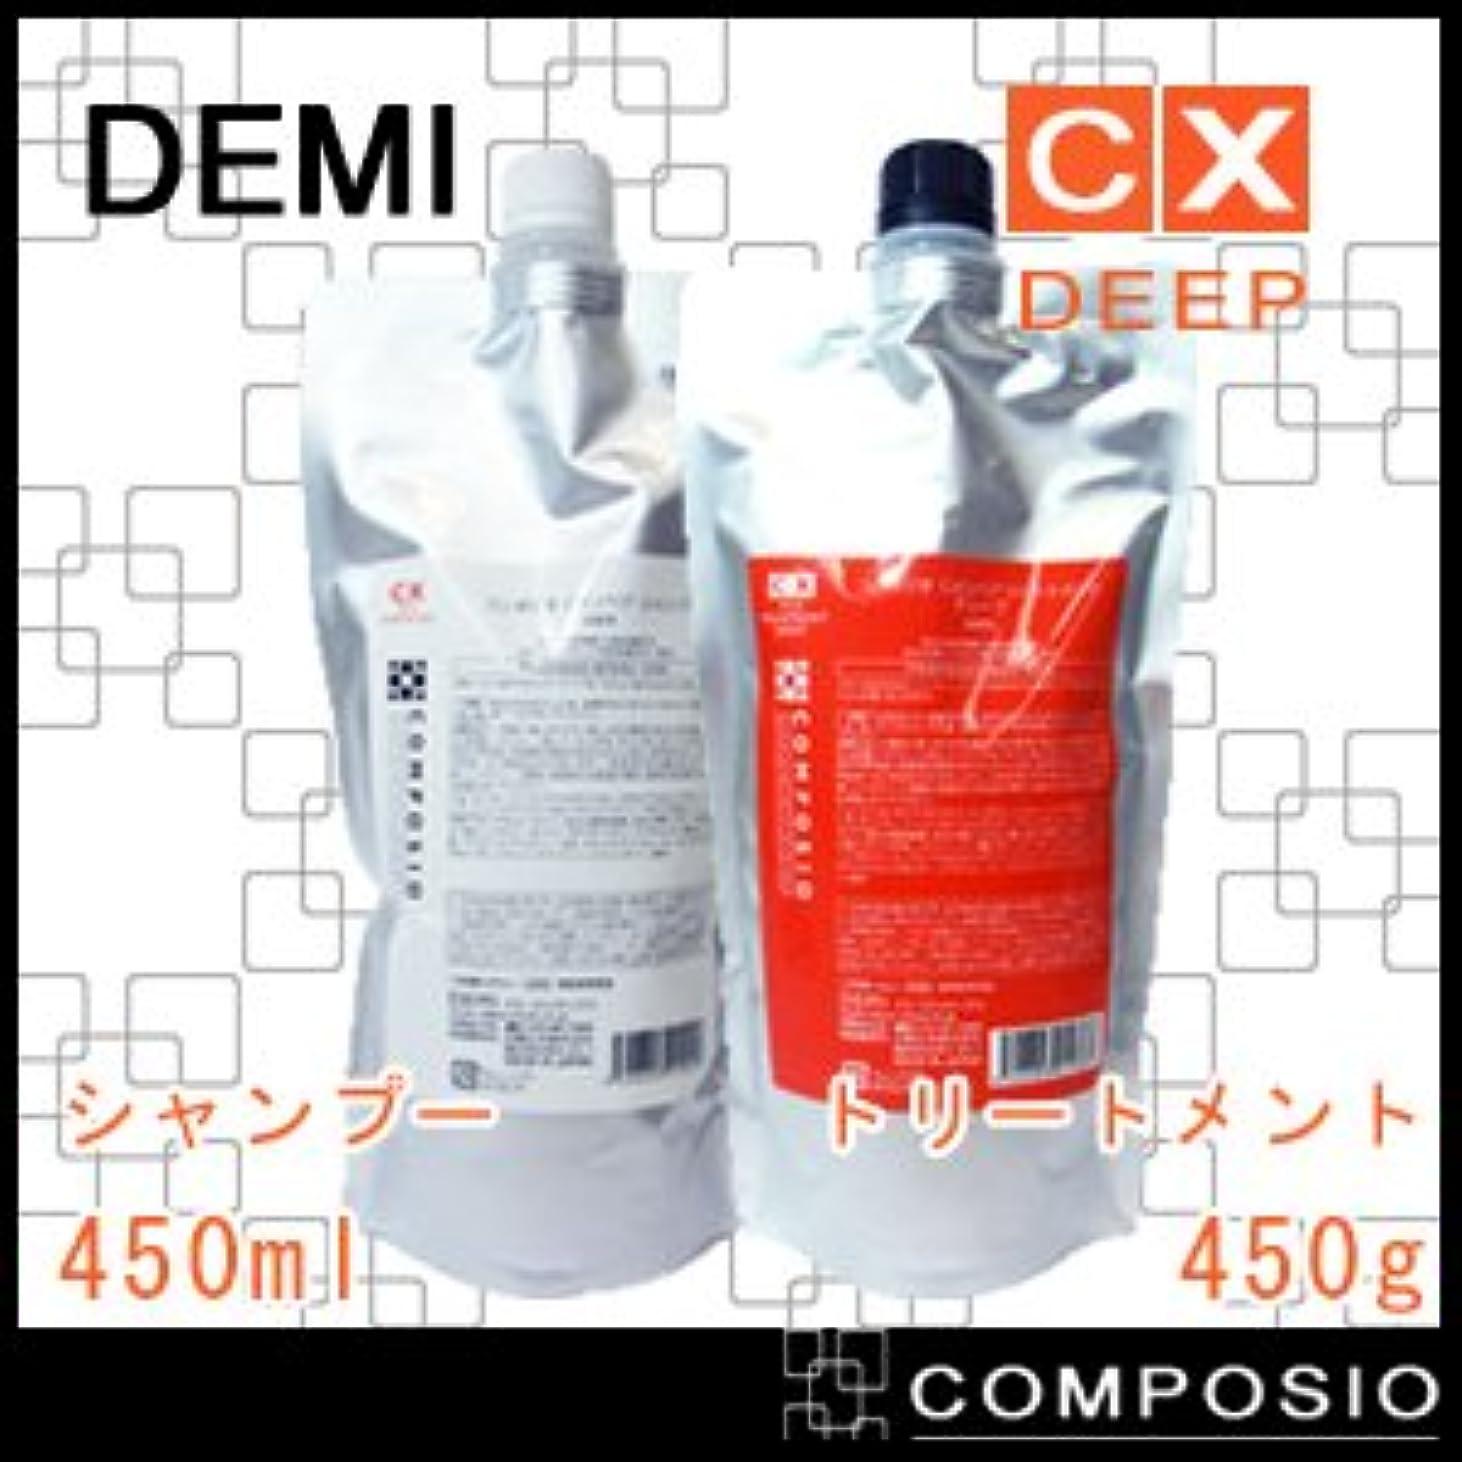 亜熱帯エチケットデミ コンポジオ CXリペアシャンプー&トリートメント ディープ 詰替 450ml,450g